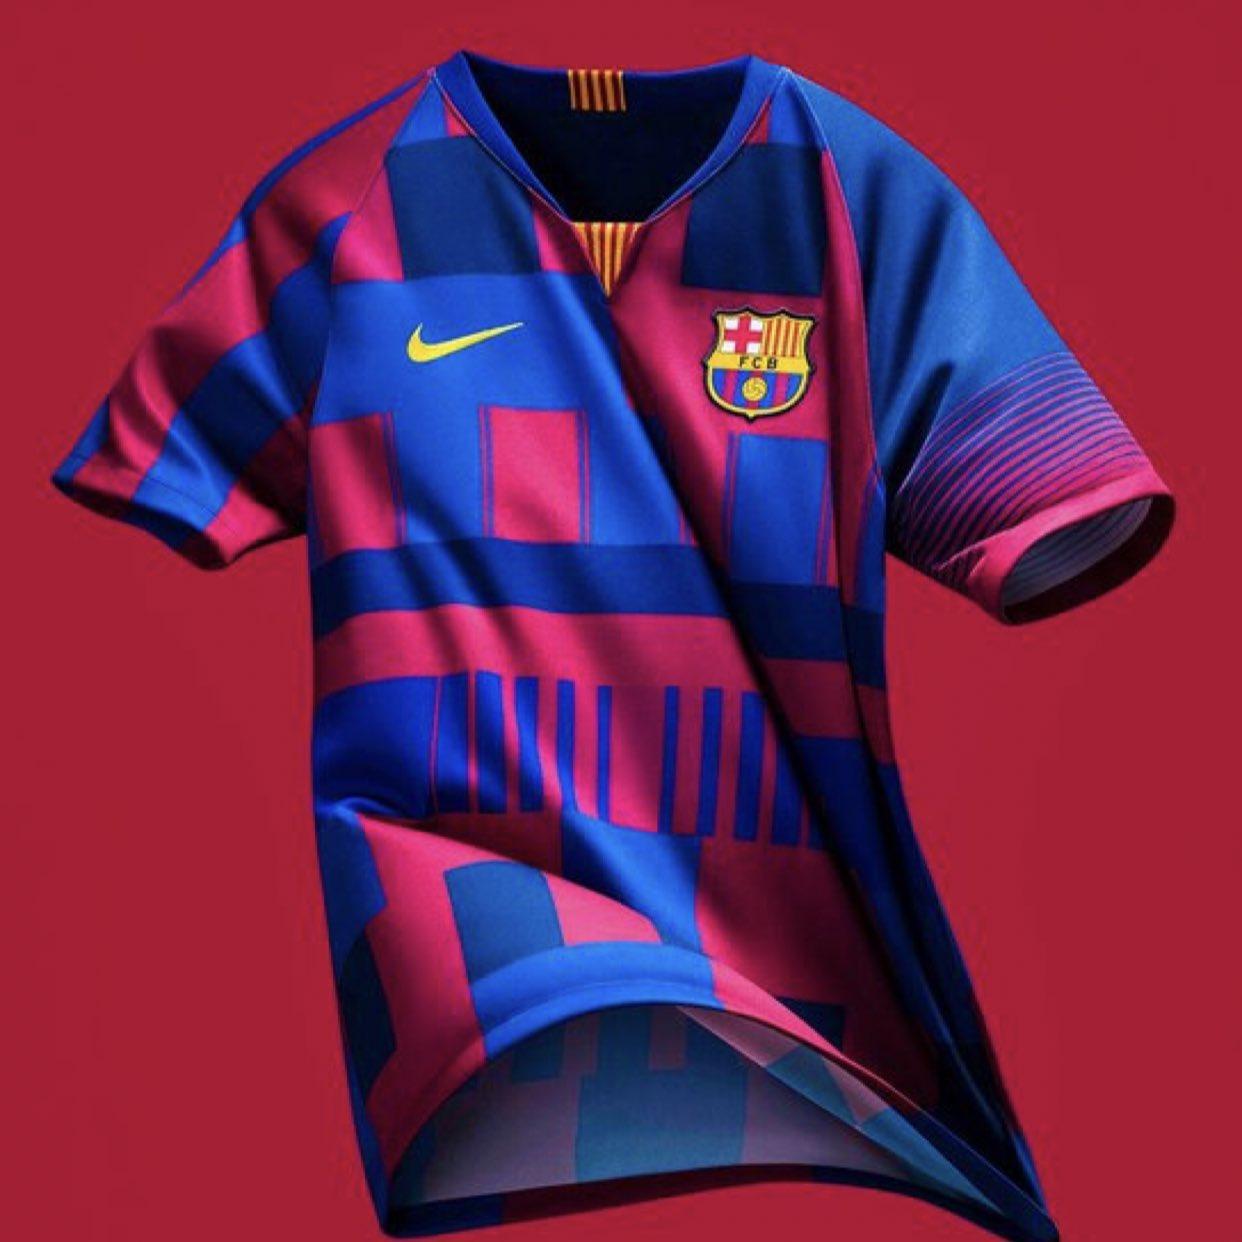 ¡Es oficial! Nike lanza playera especial para celebrar sus 20 años con el Barcelona